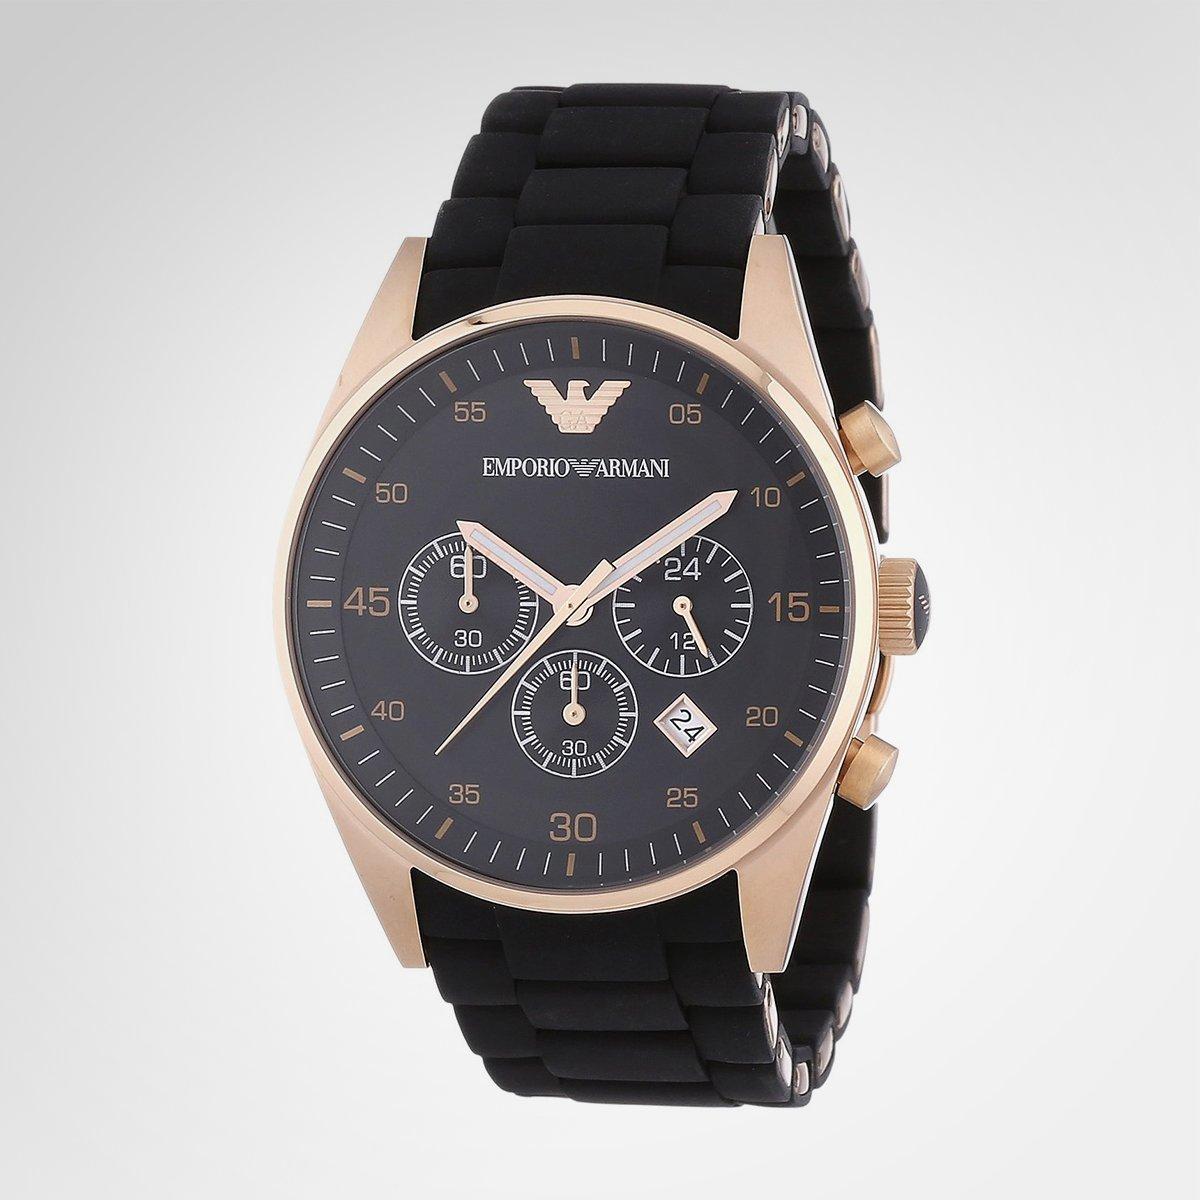 Часы Emporio Armani оптом